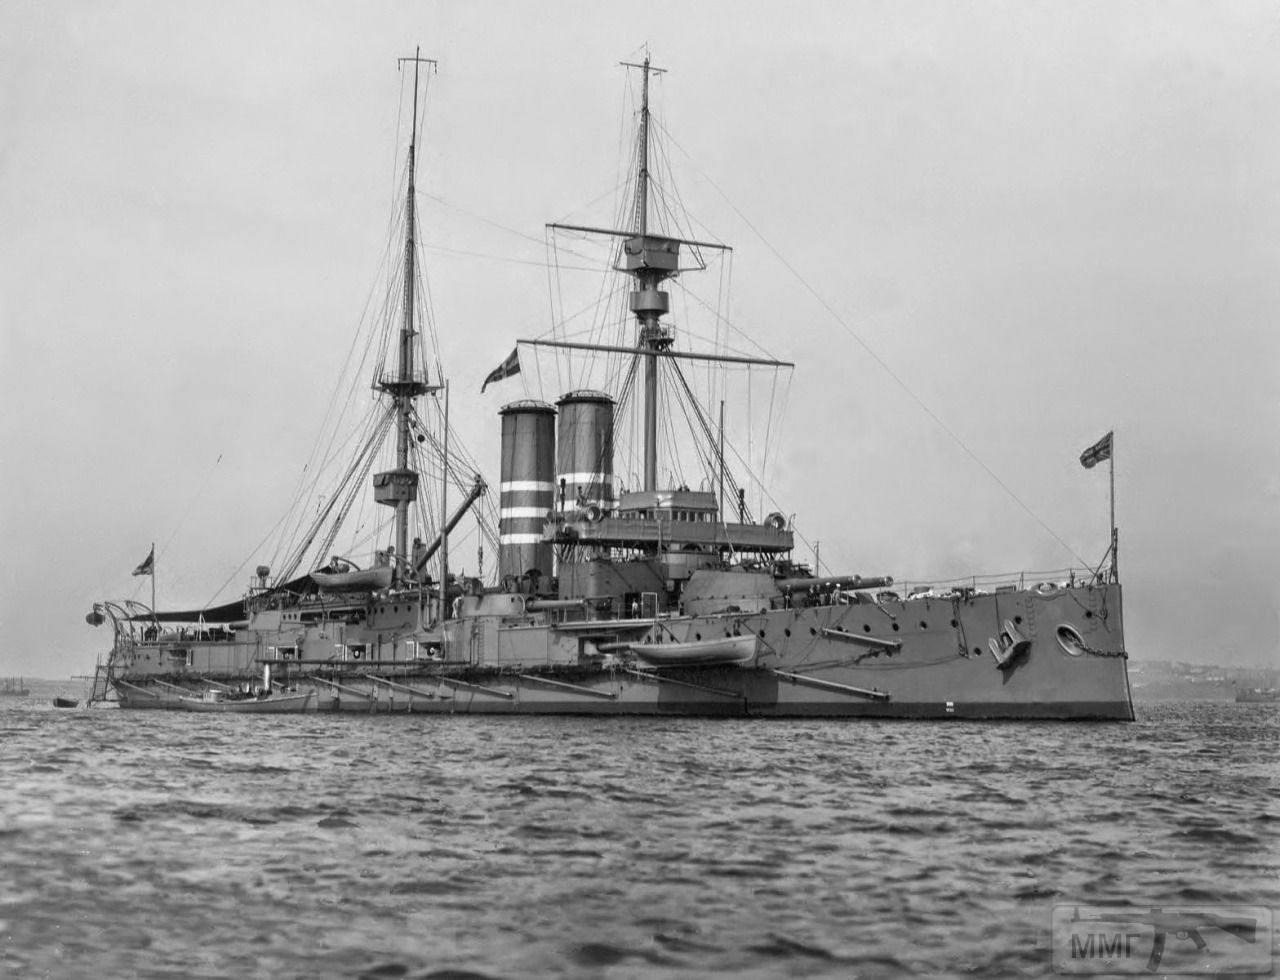 43713 - HMS Britannia